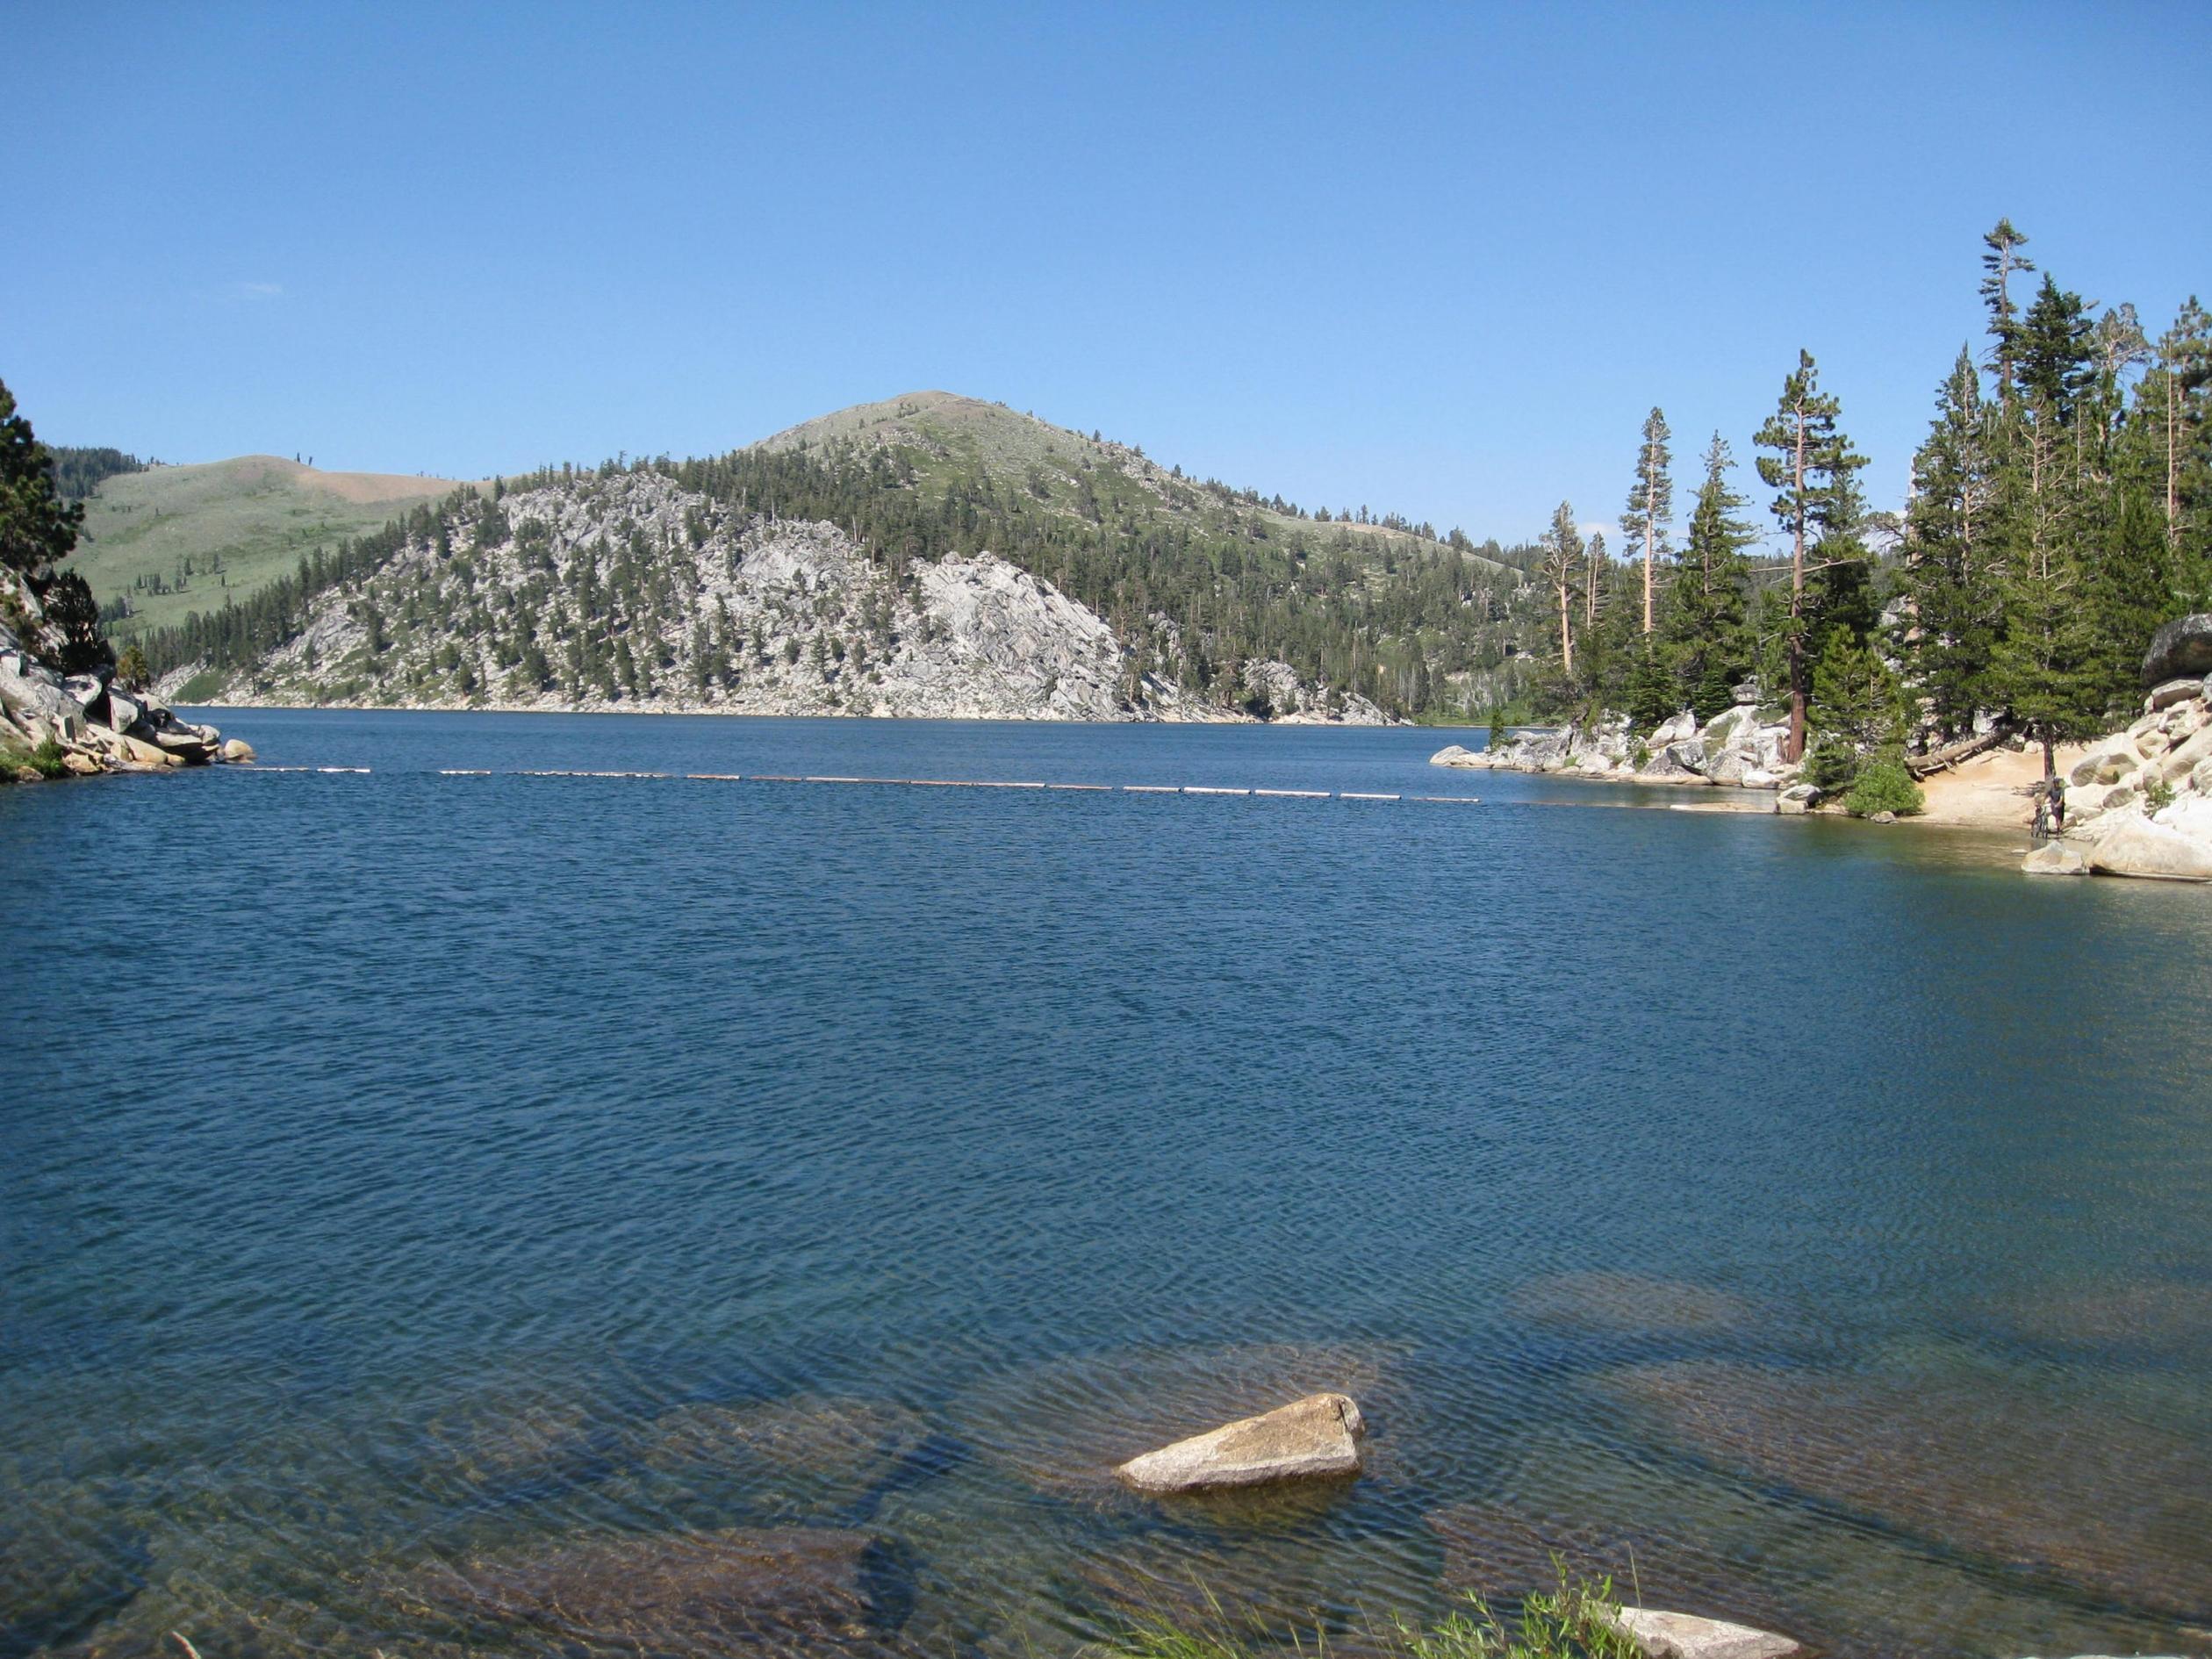 Ver a través de un lago azul sonaba de montañas de granito gris con árboles de hoja perenne en Marlette Lake a lo largo del Tahoe Rim Trail